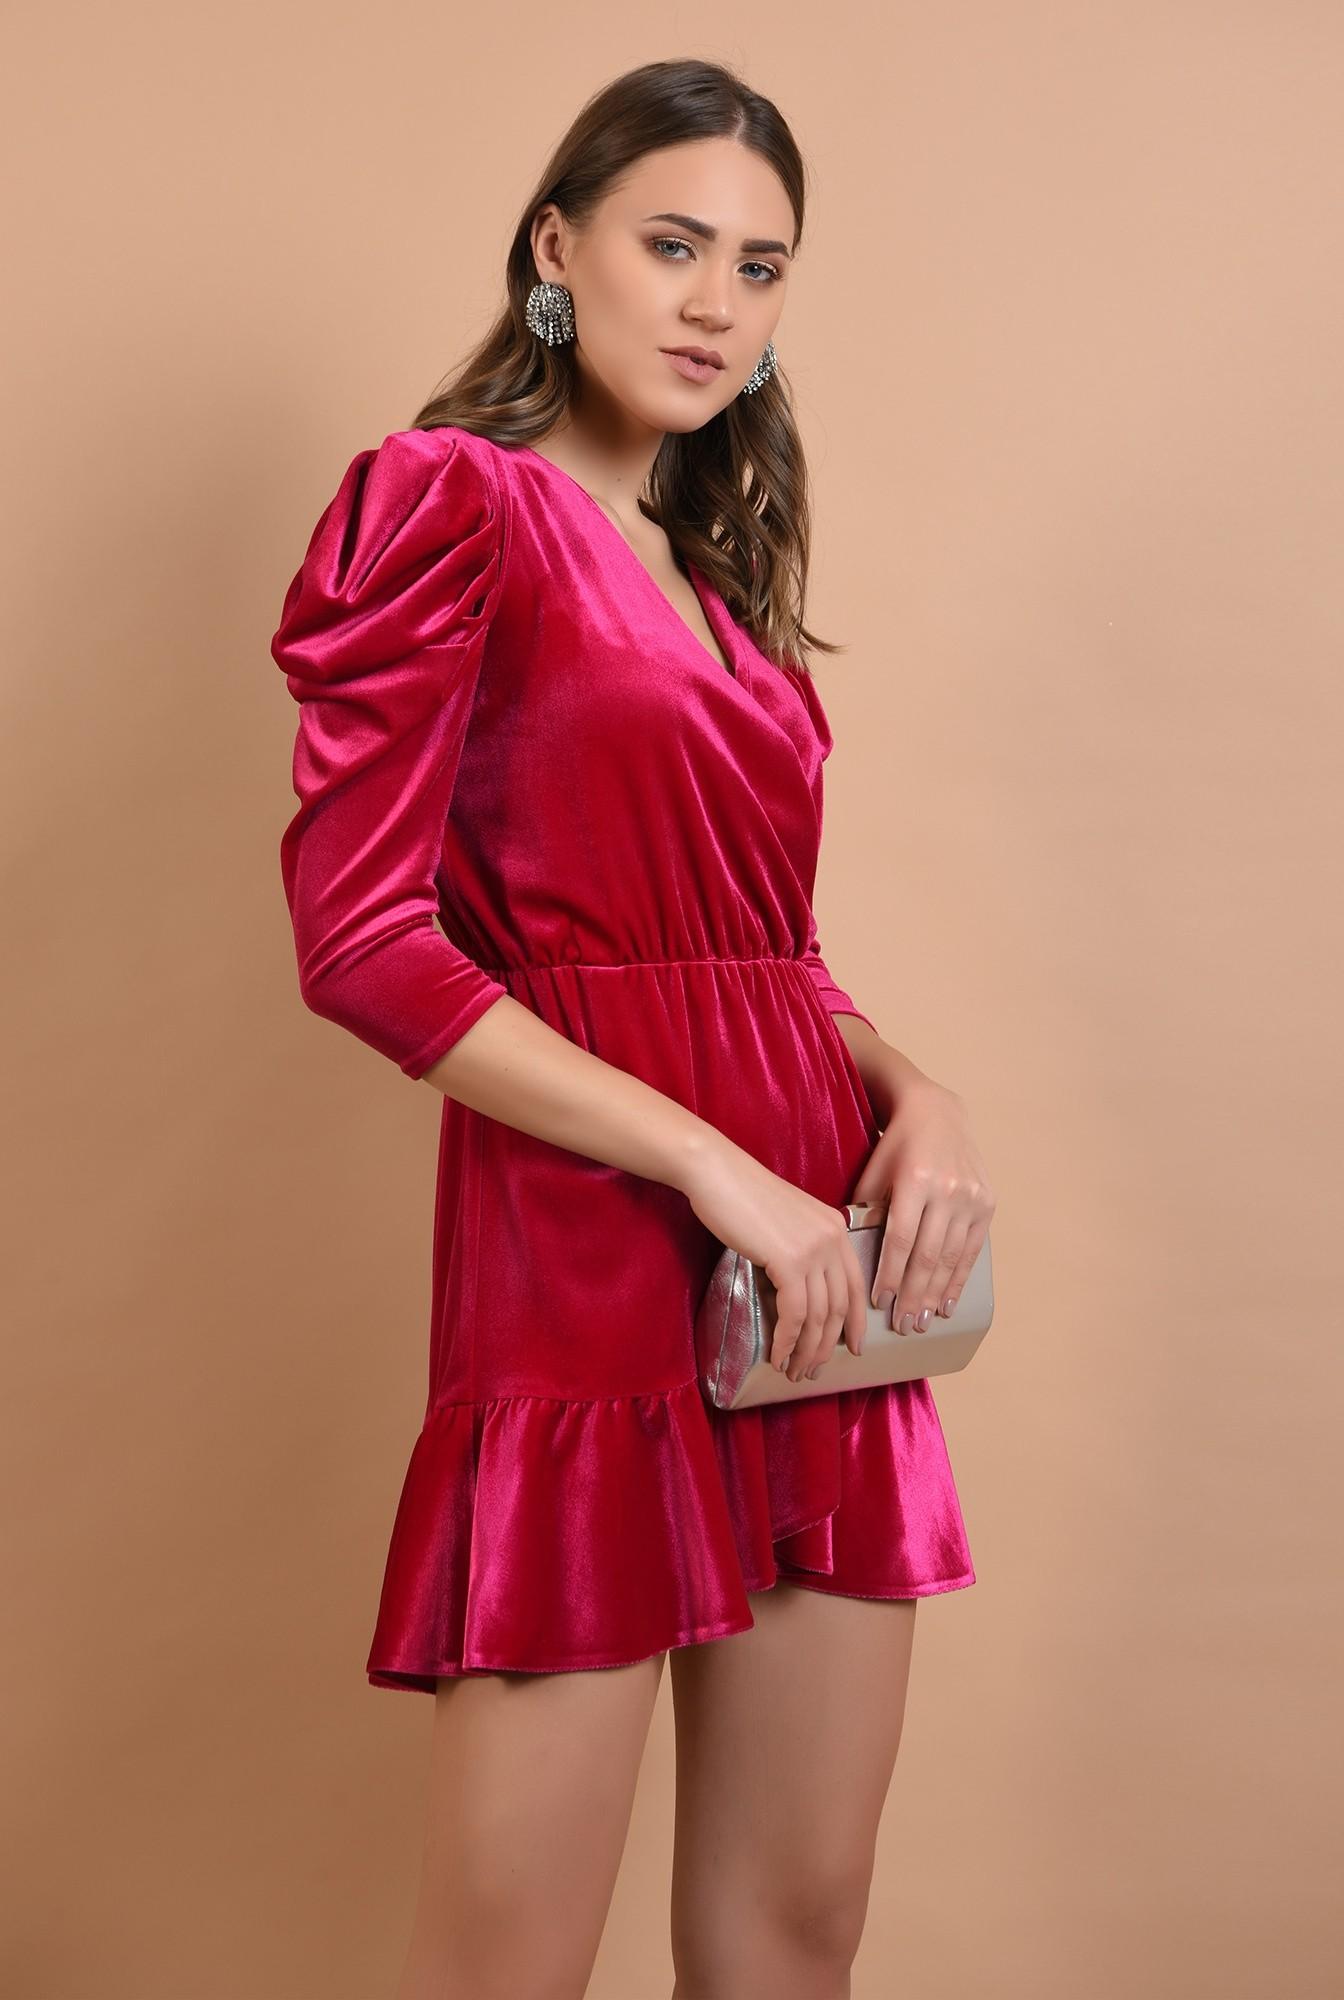 0 - 360 - rochie eleganta, din catifea, petrecuta, cu volan